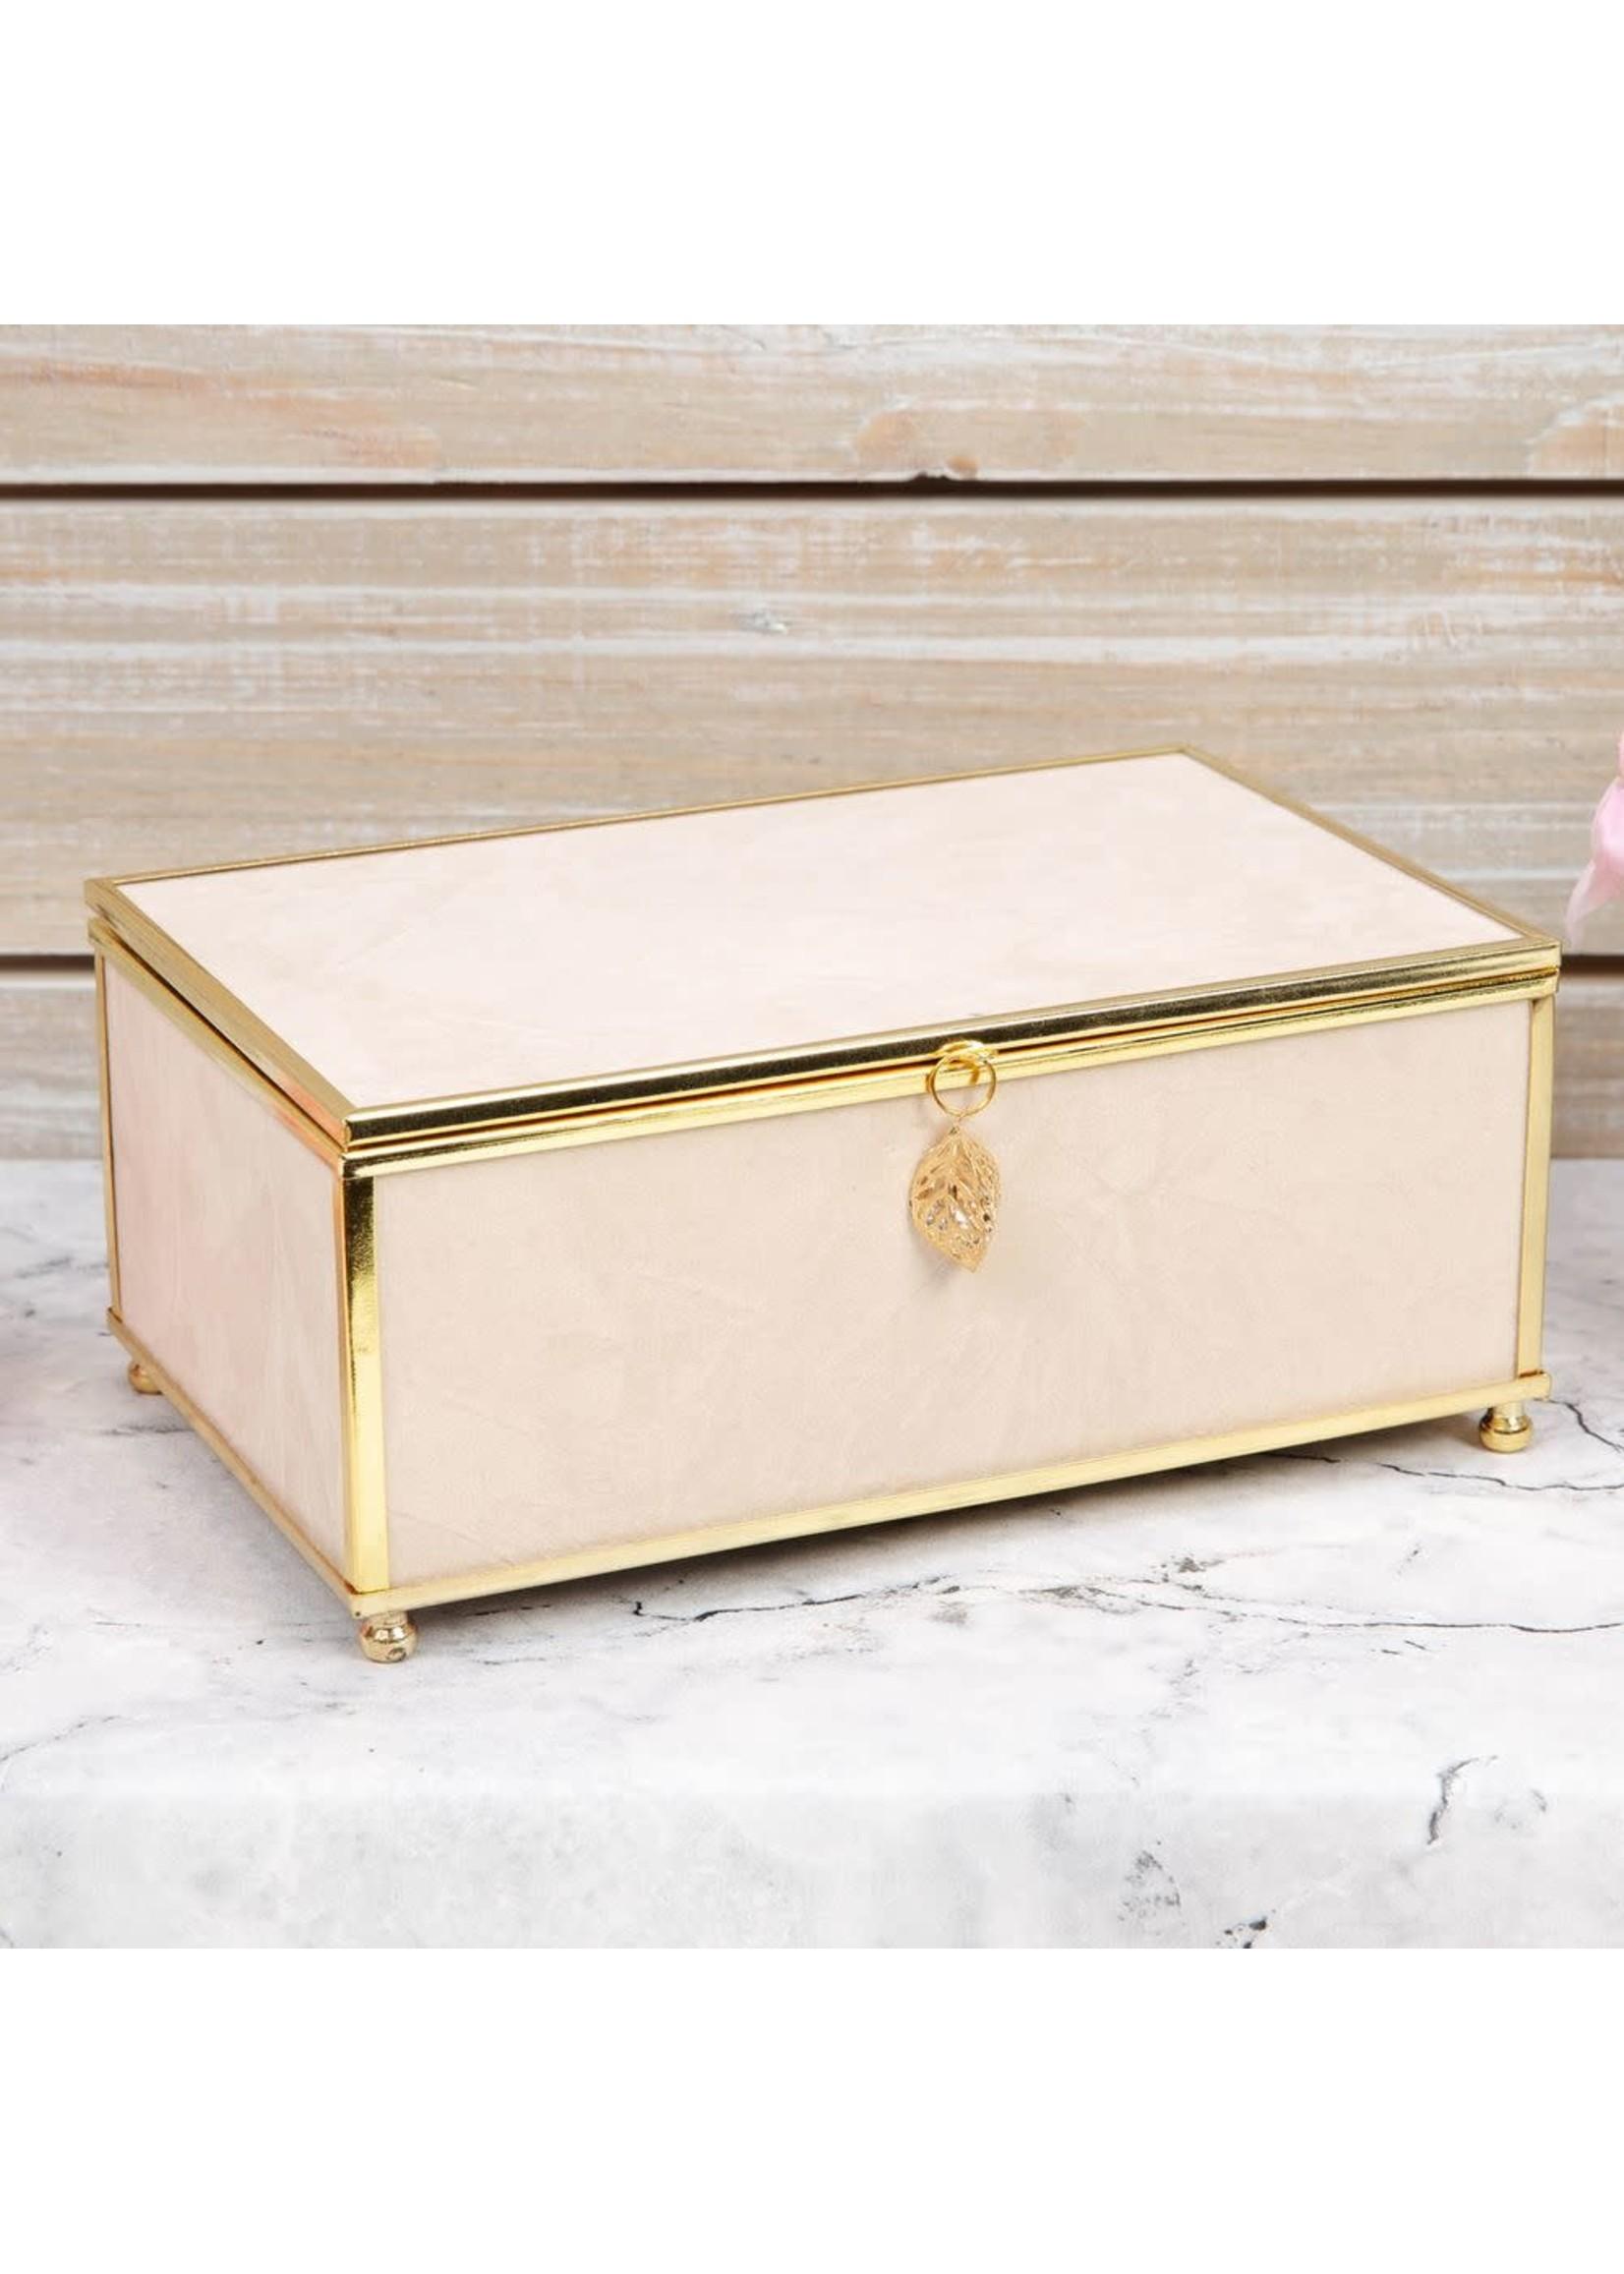 SOPHIA NUDE JEWELLERY BOX WITH GOLD LEAF DETAIL - MEDIUM